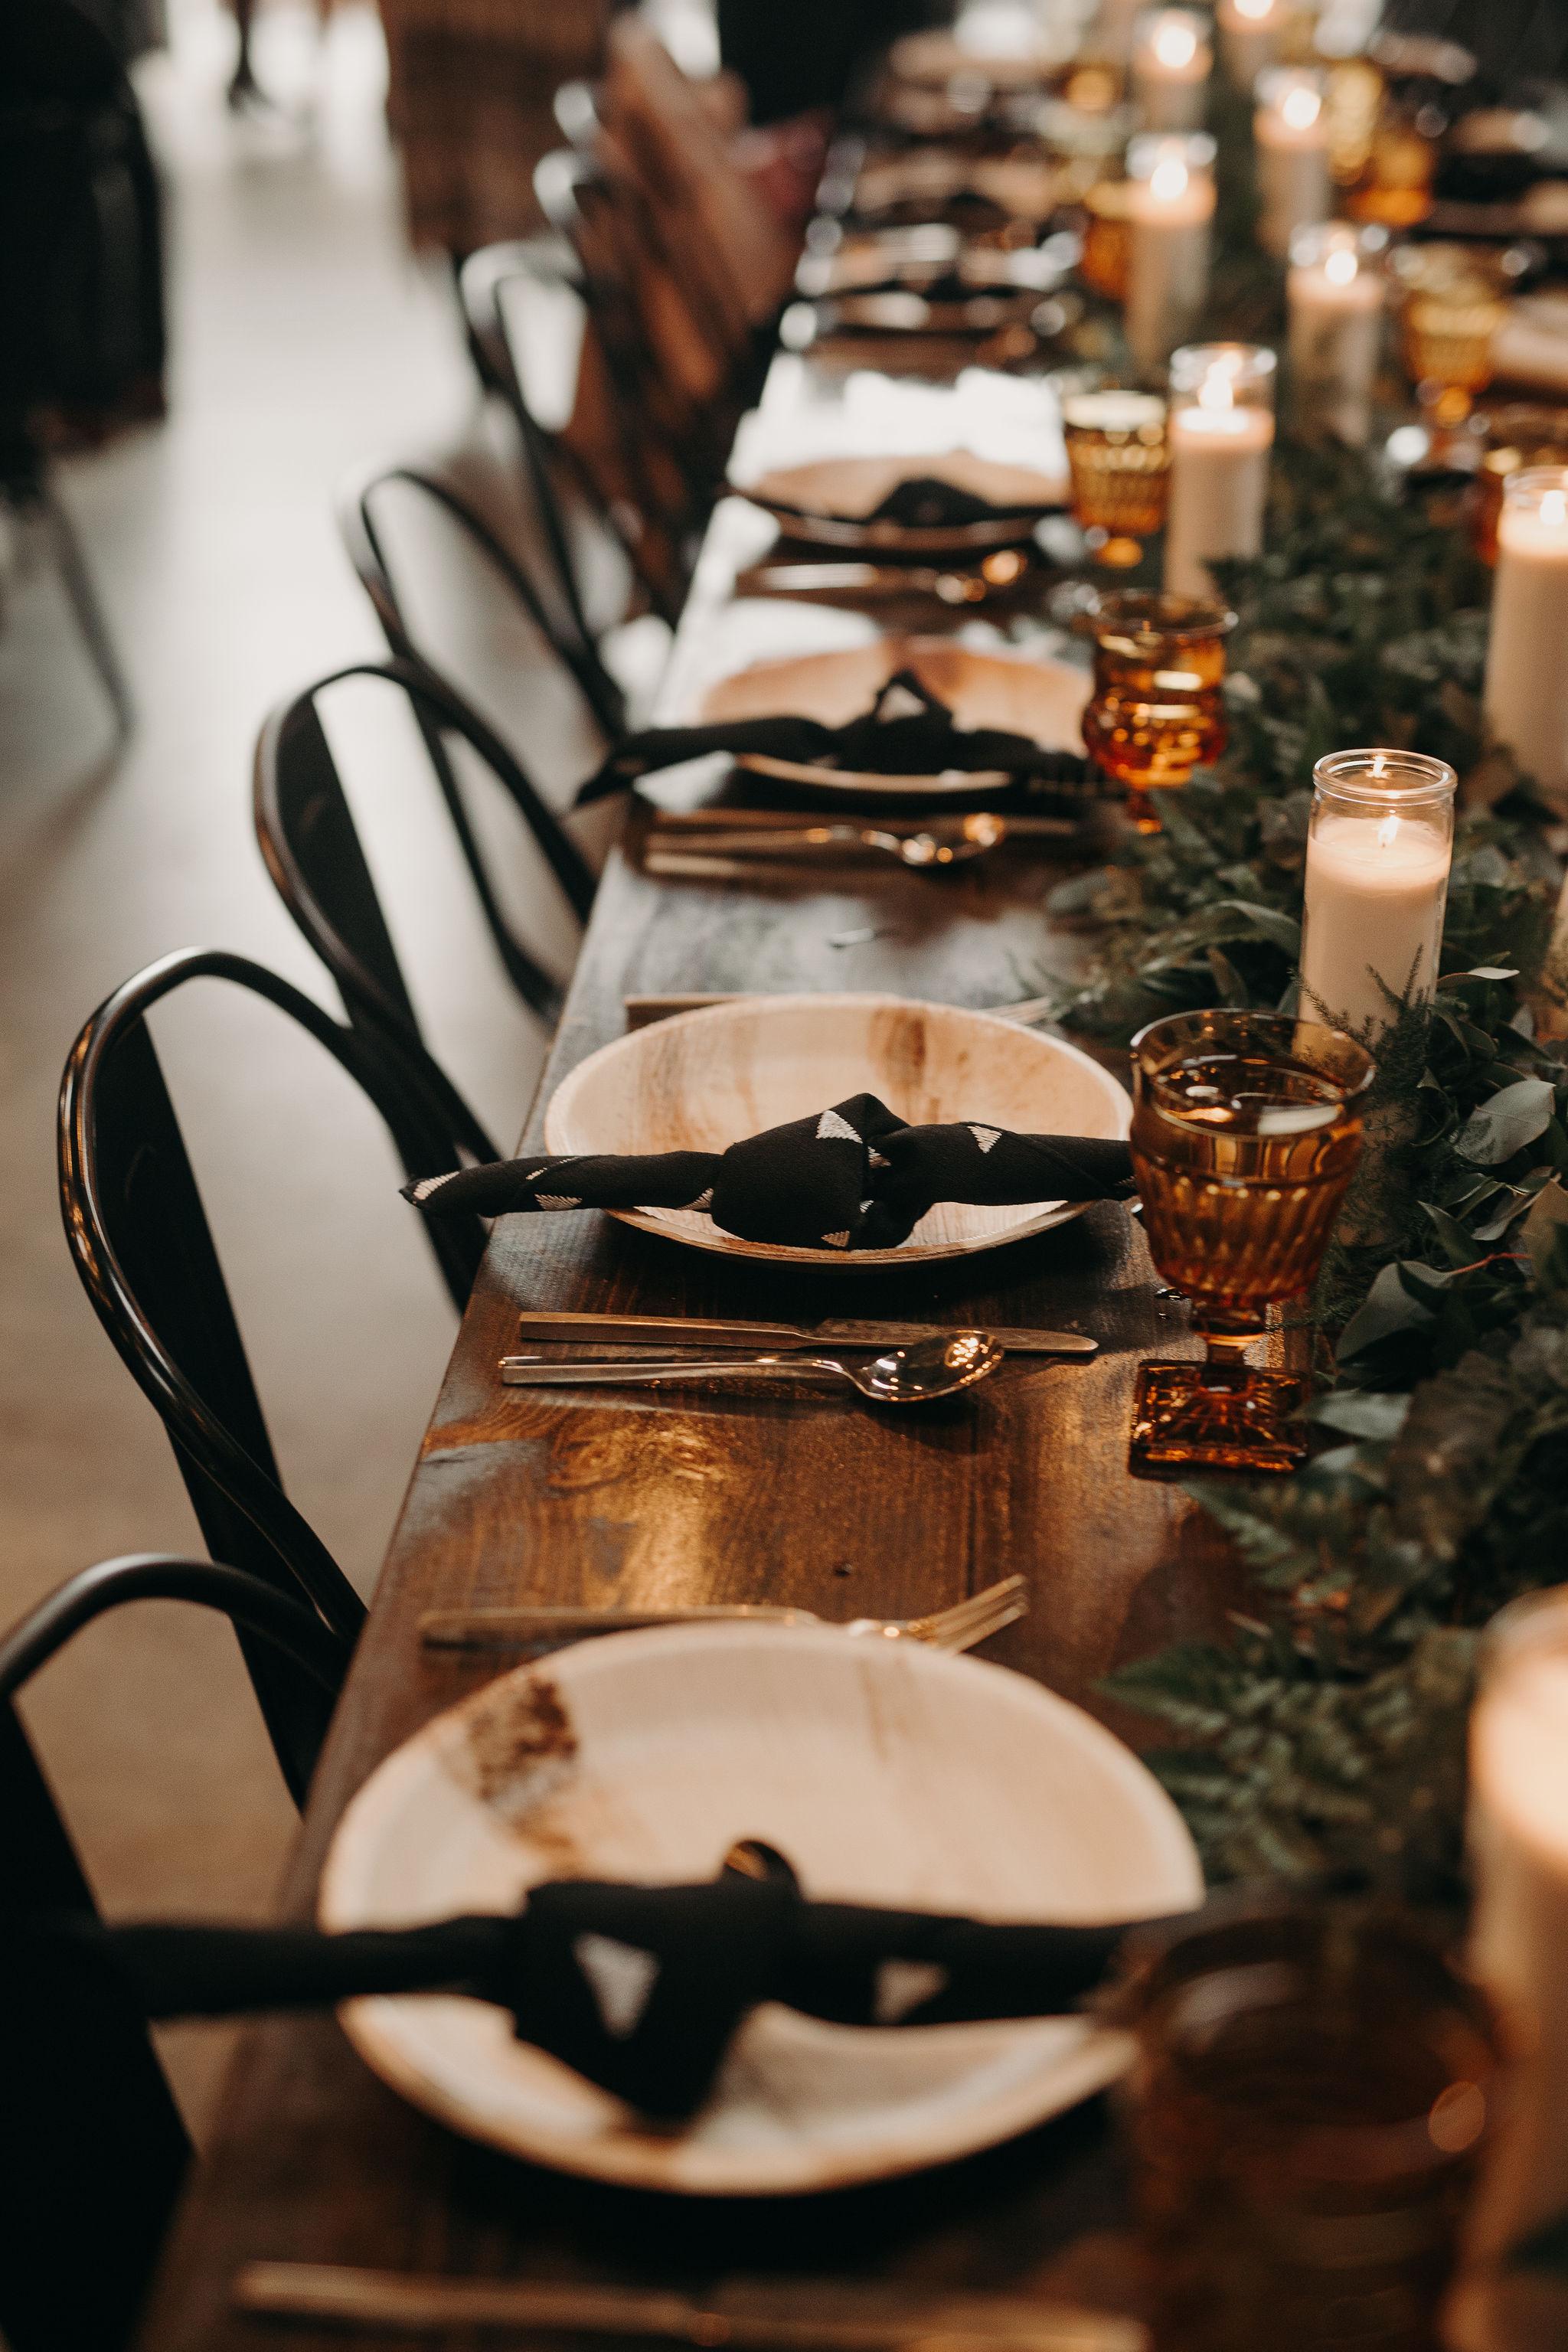 table top details.jpg